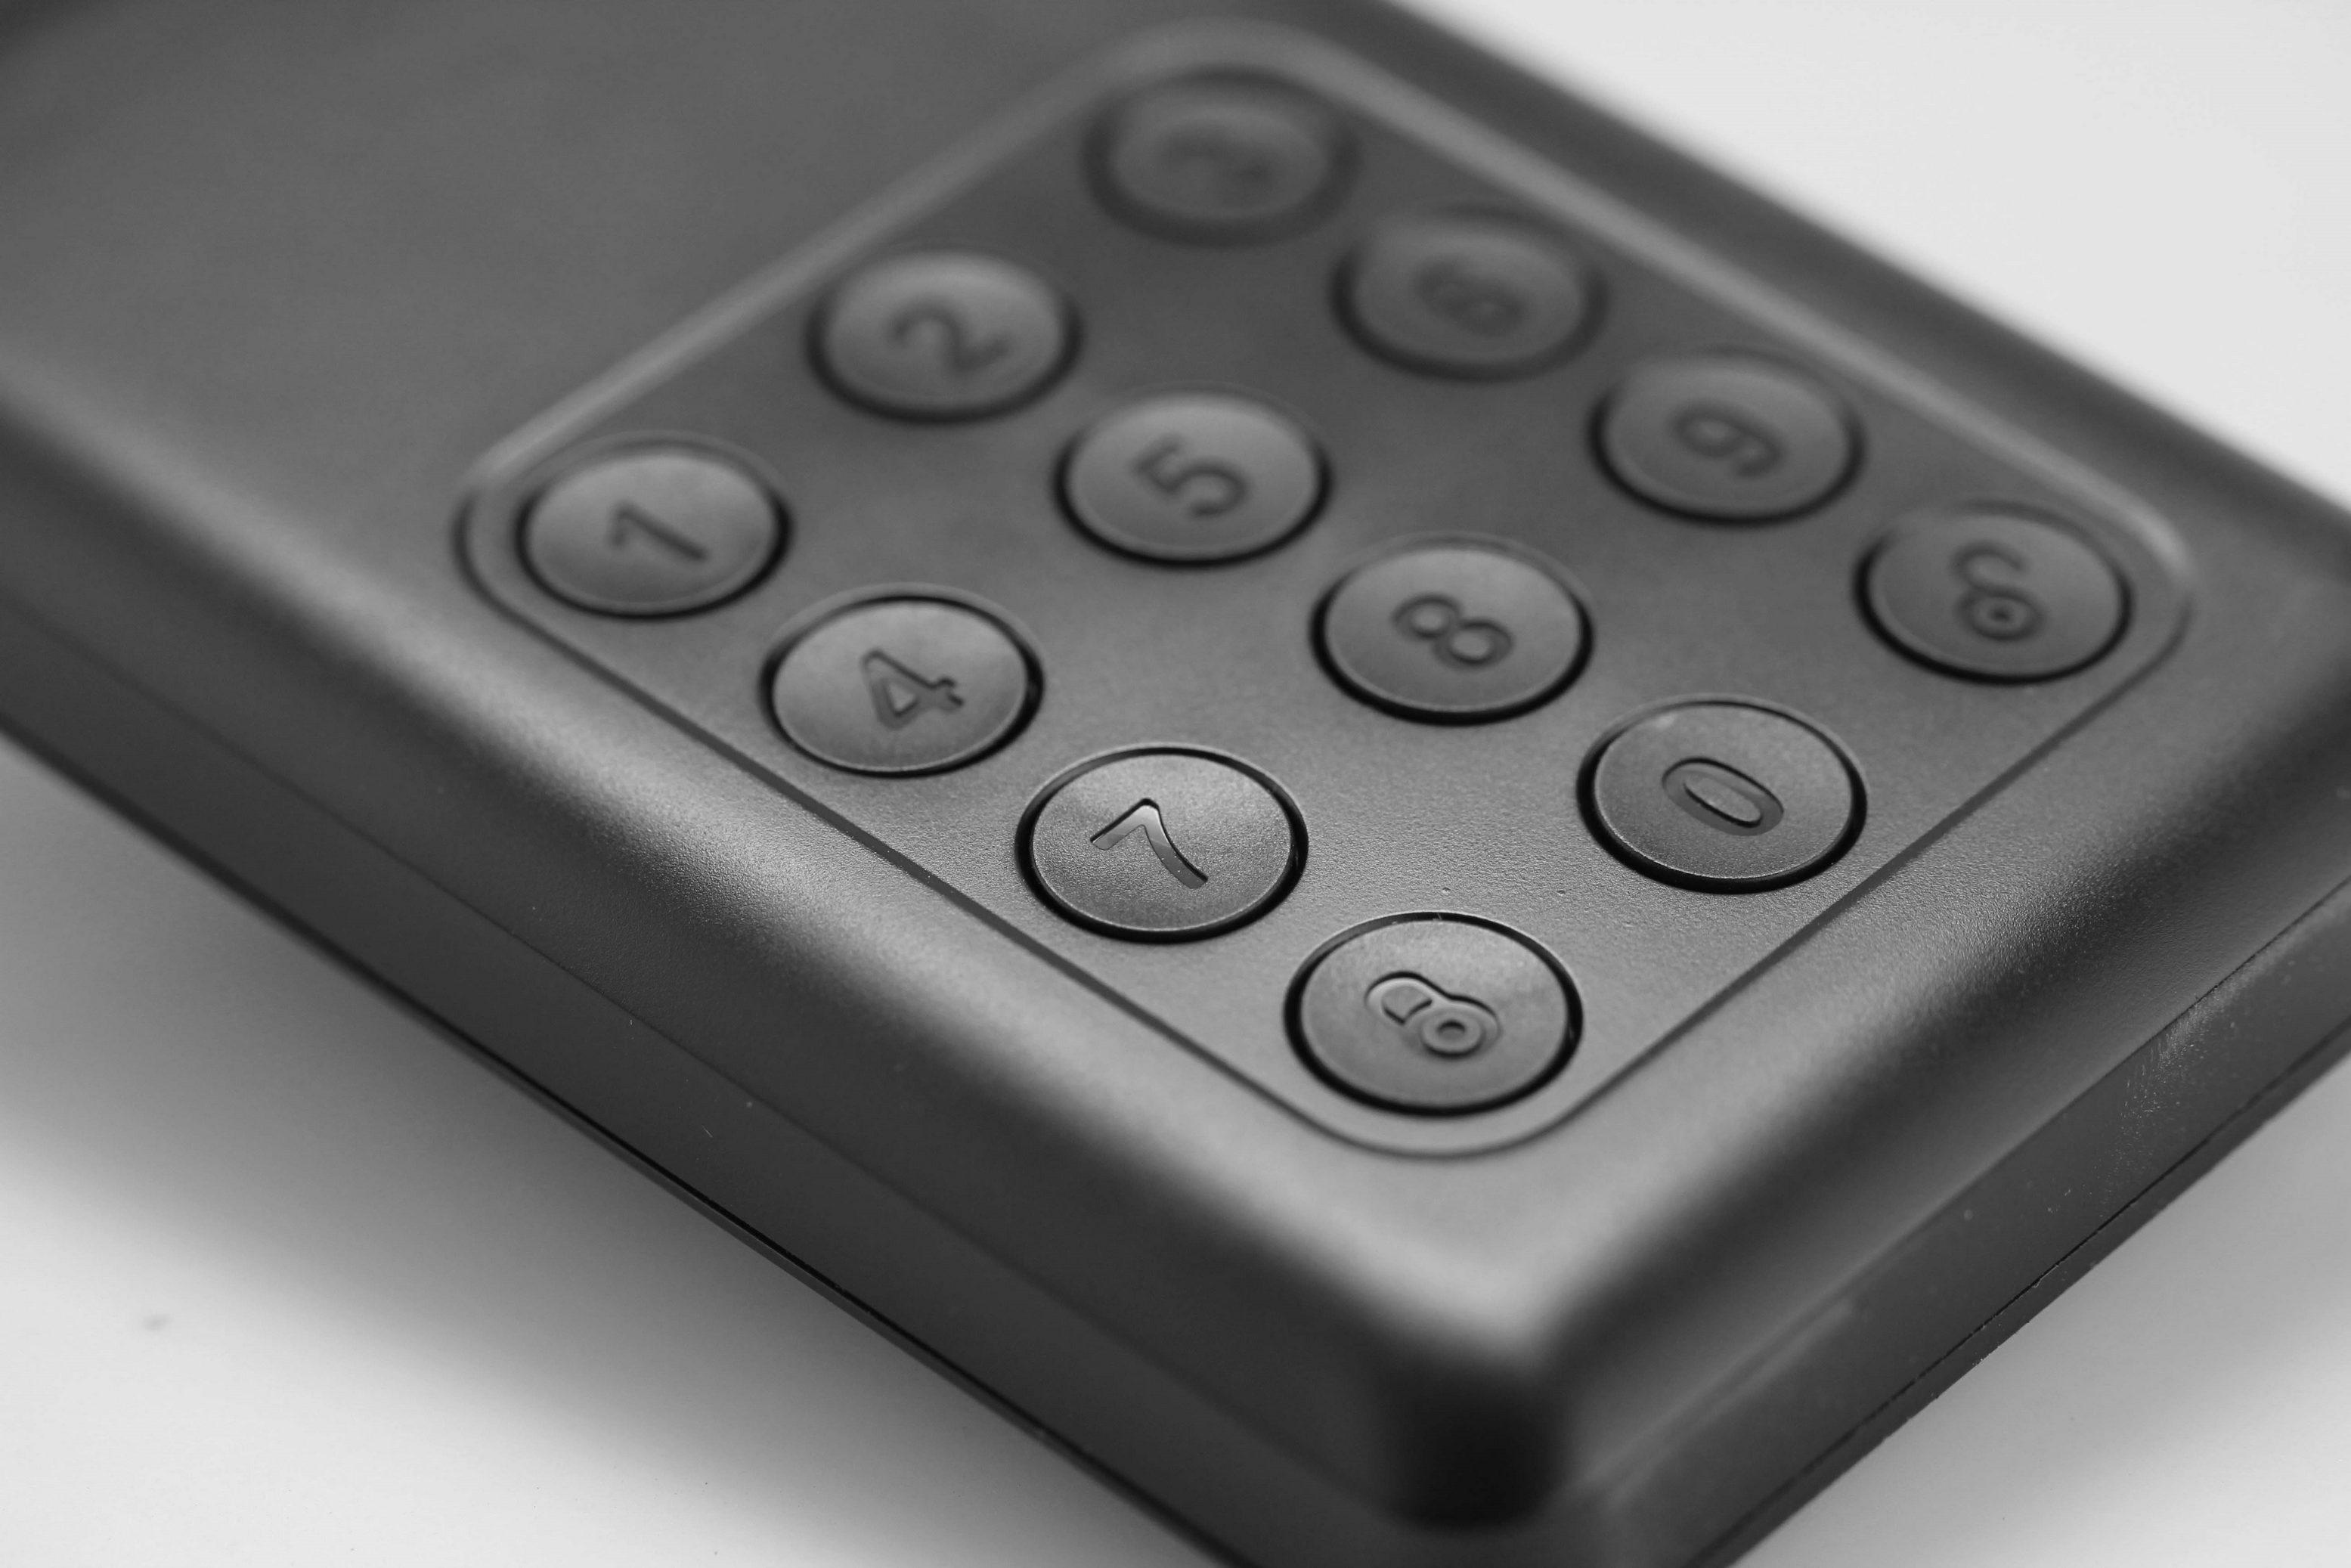 Langke mobile festplatte K3901T von militär - Schlüssel verschlüsselte festplatte Kreative sichere erdbebensichere Paket post